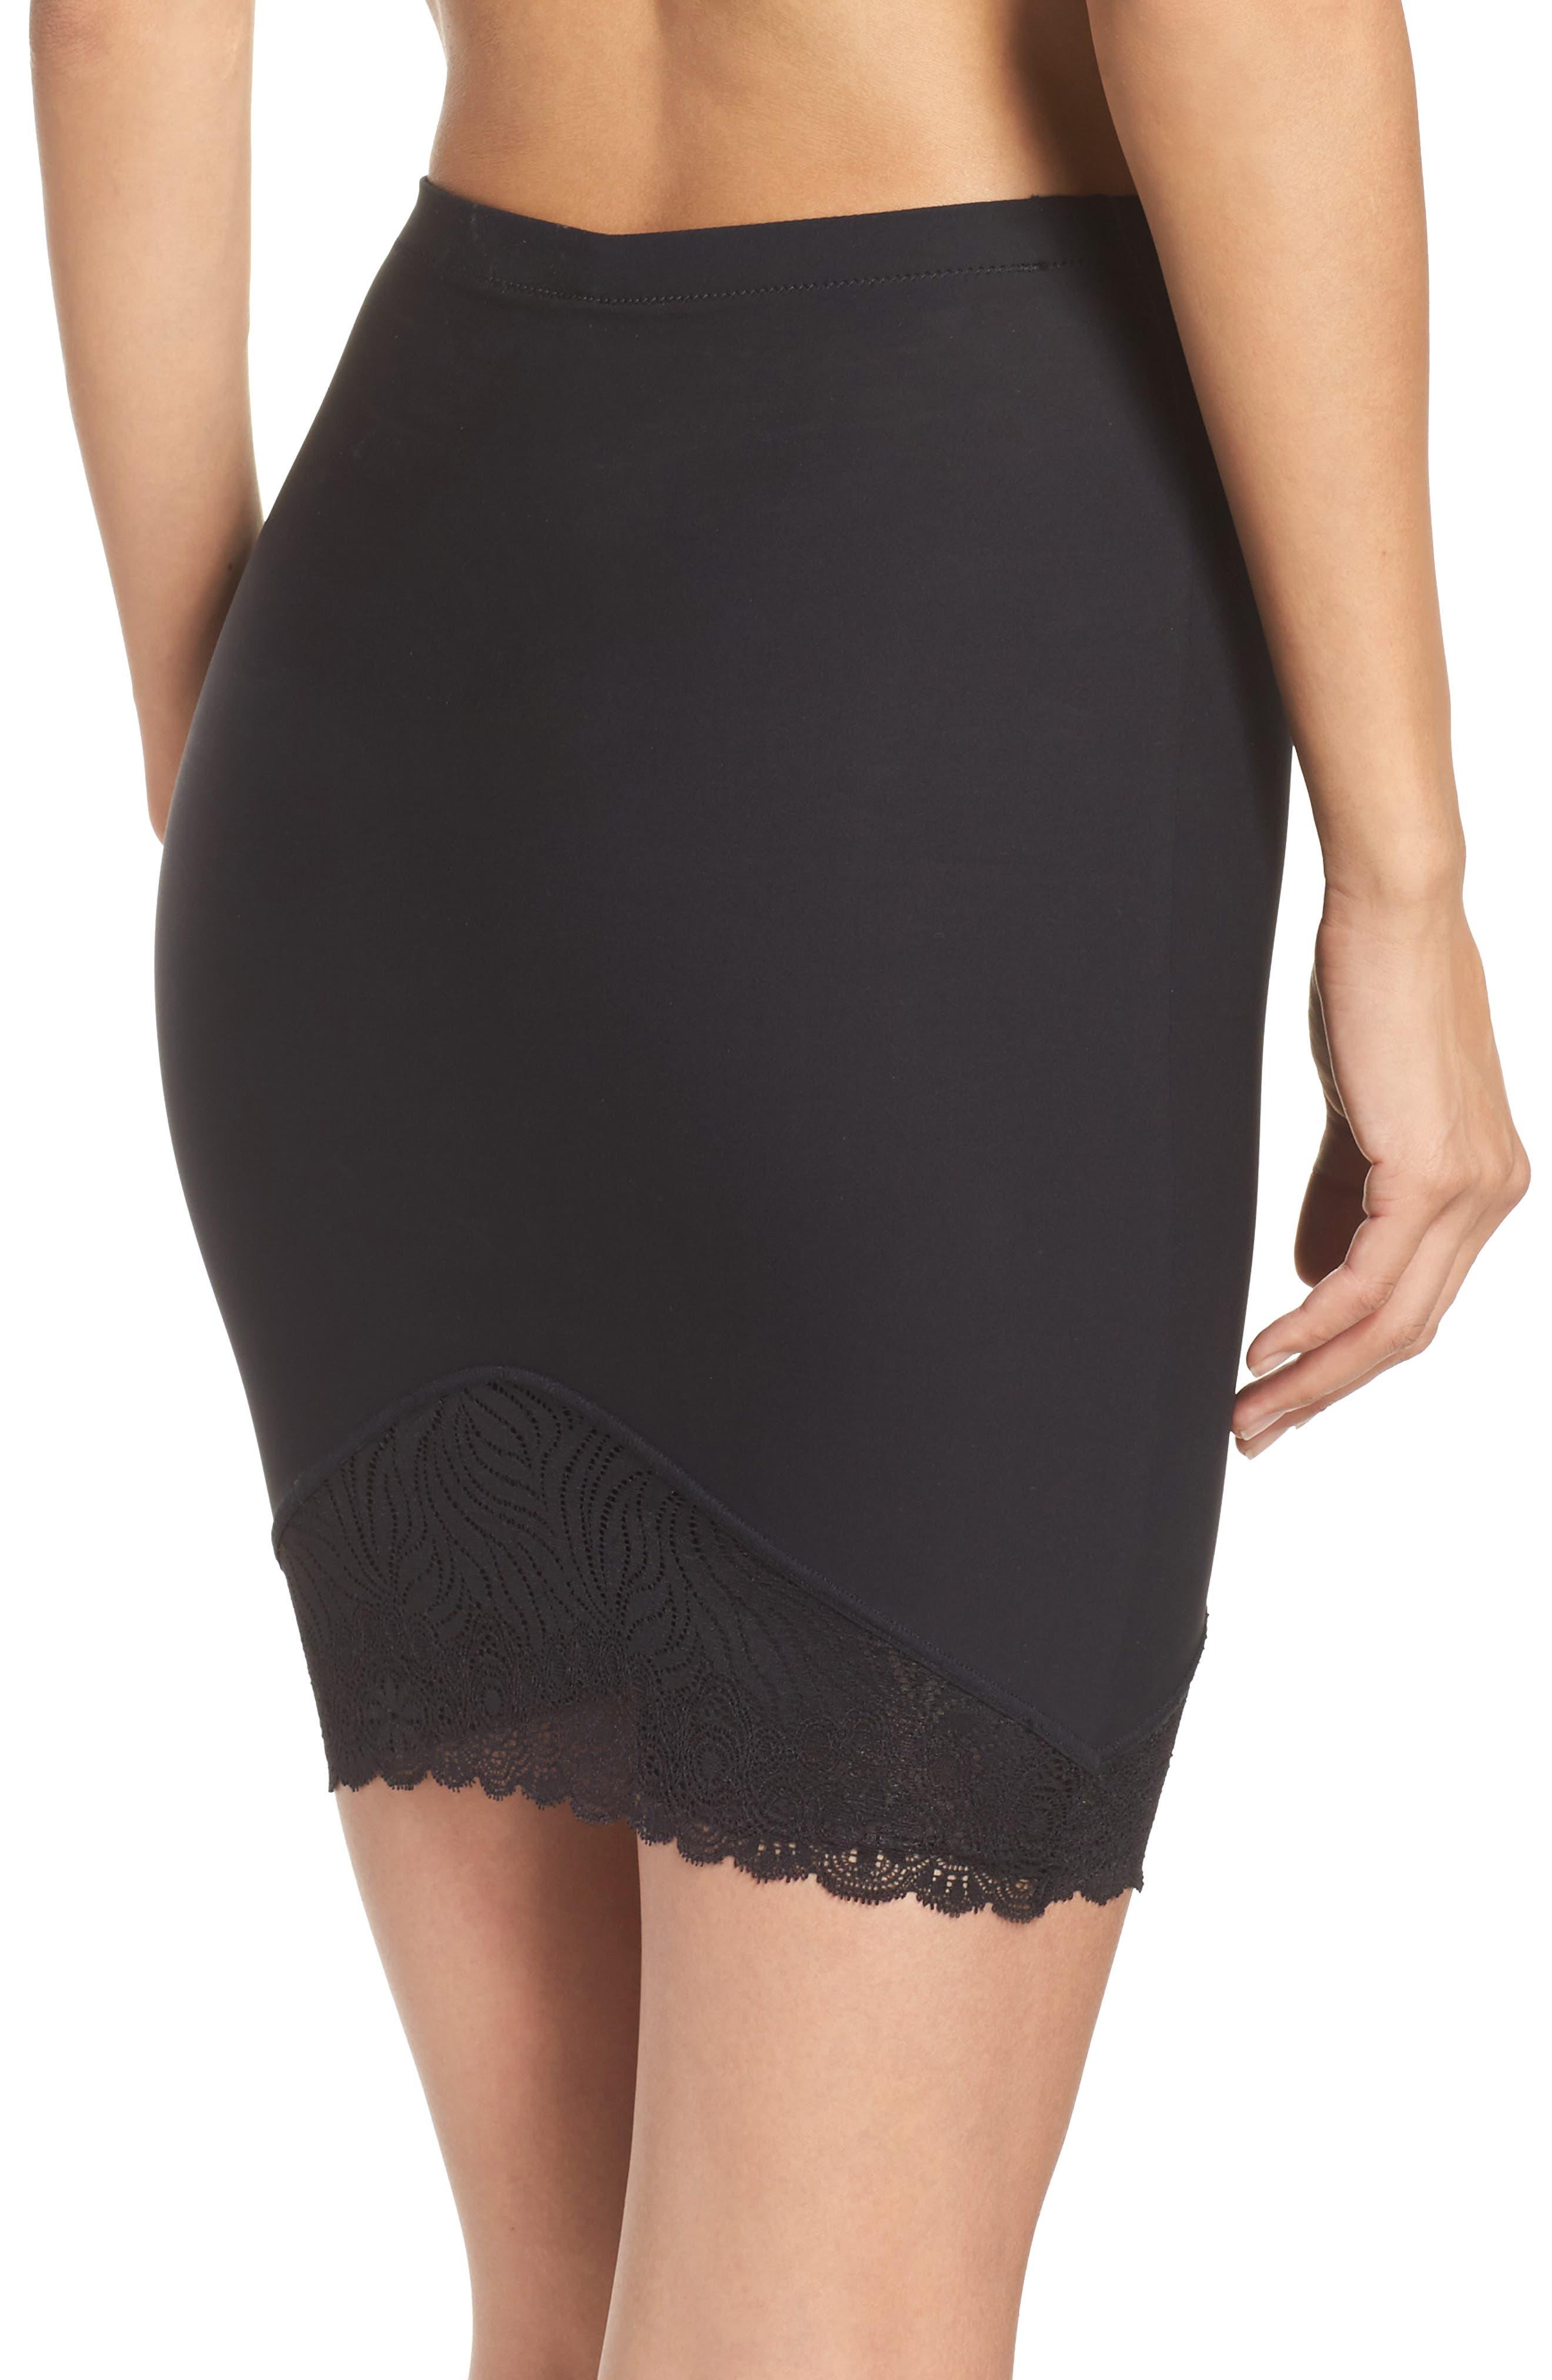 Top Model High Waist Skirt Shaper,                             Alternate thumbnail 4, color,                             001